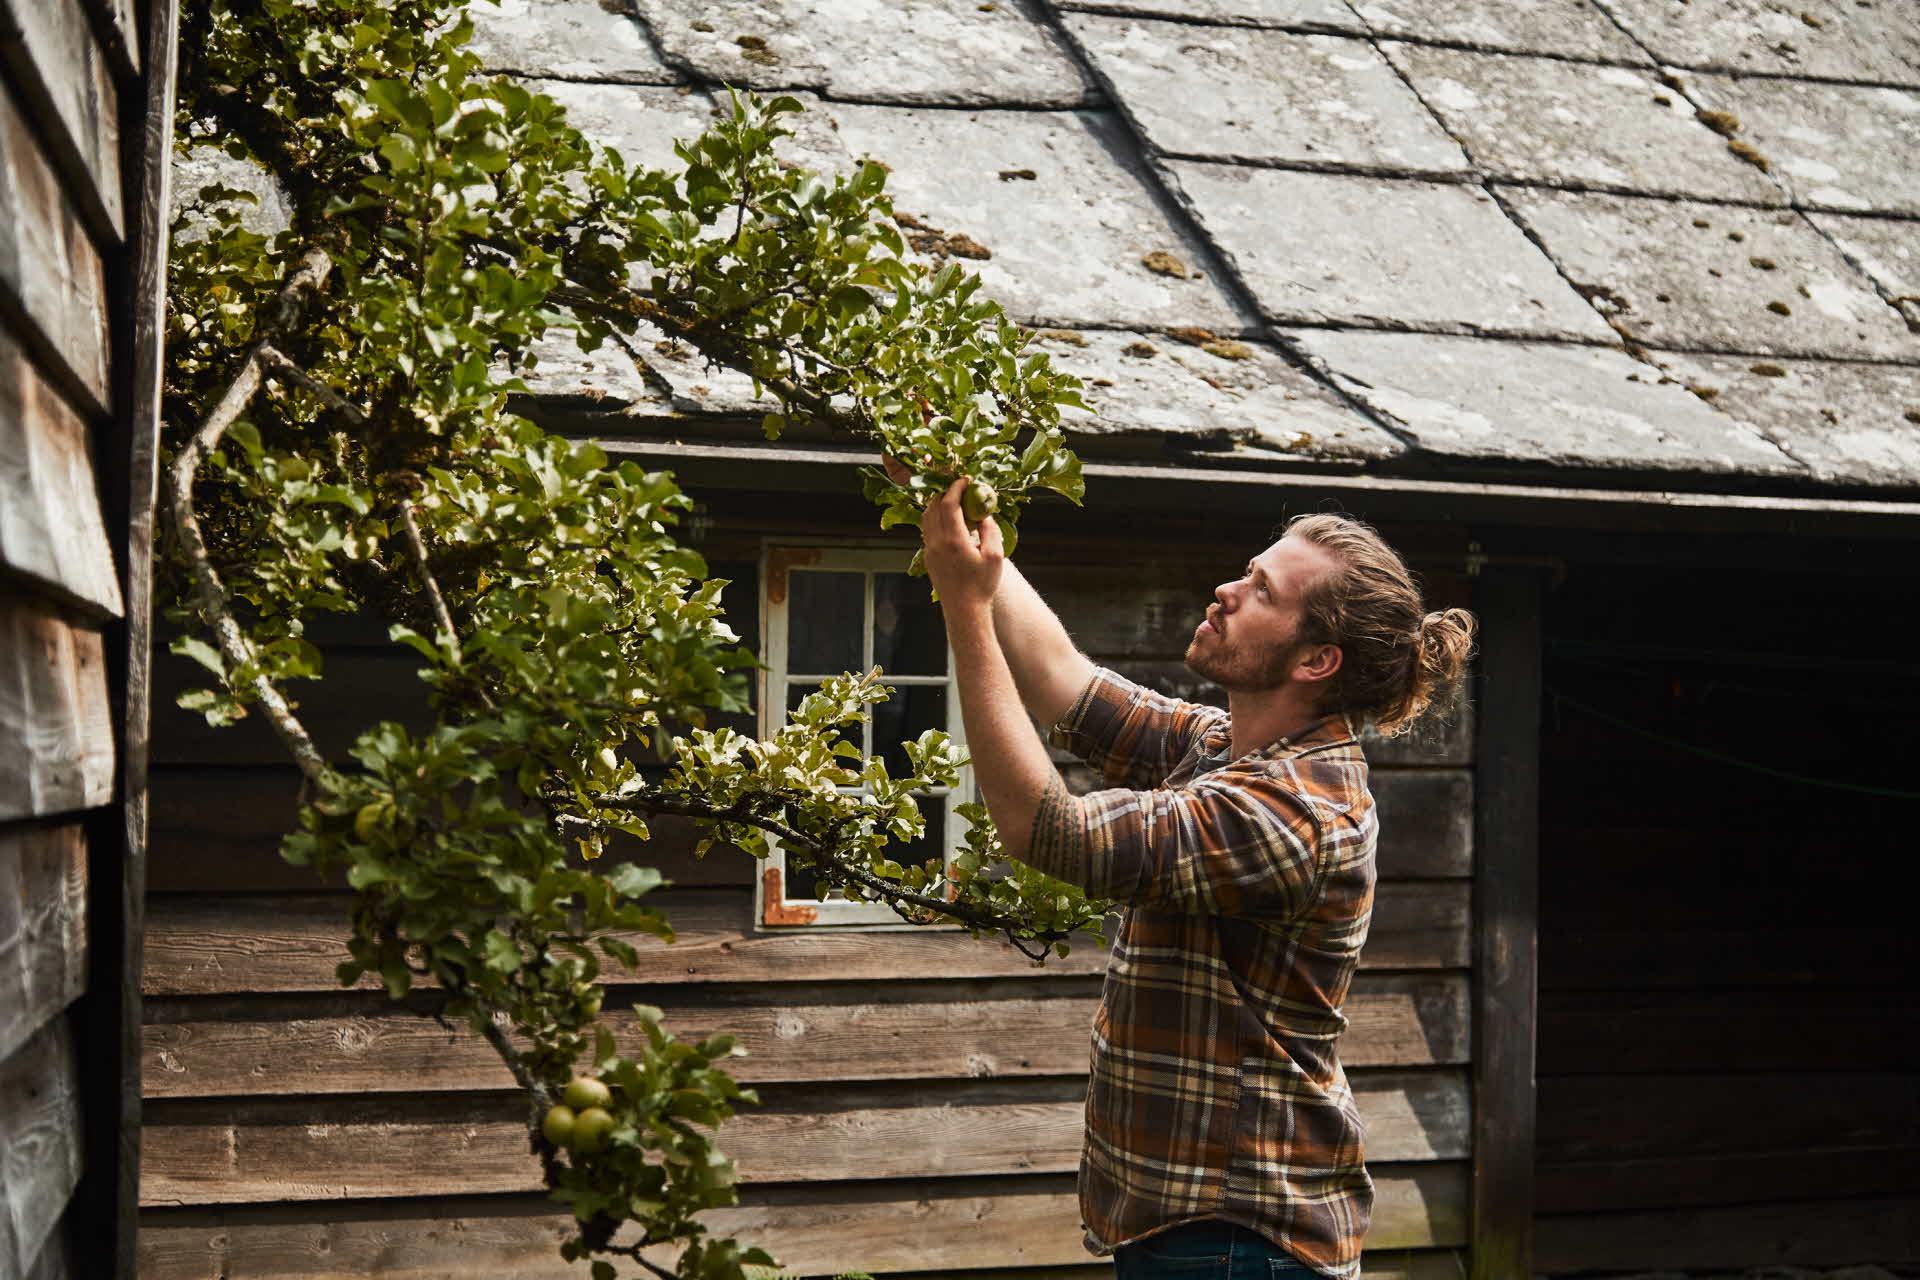 Ein Apfelbauer inspiziert Äpfel und Bäume zwischen Häusern in Agatunet in Hardanger, Norwegen